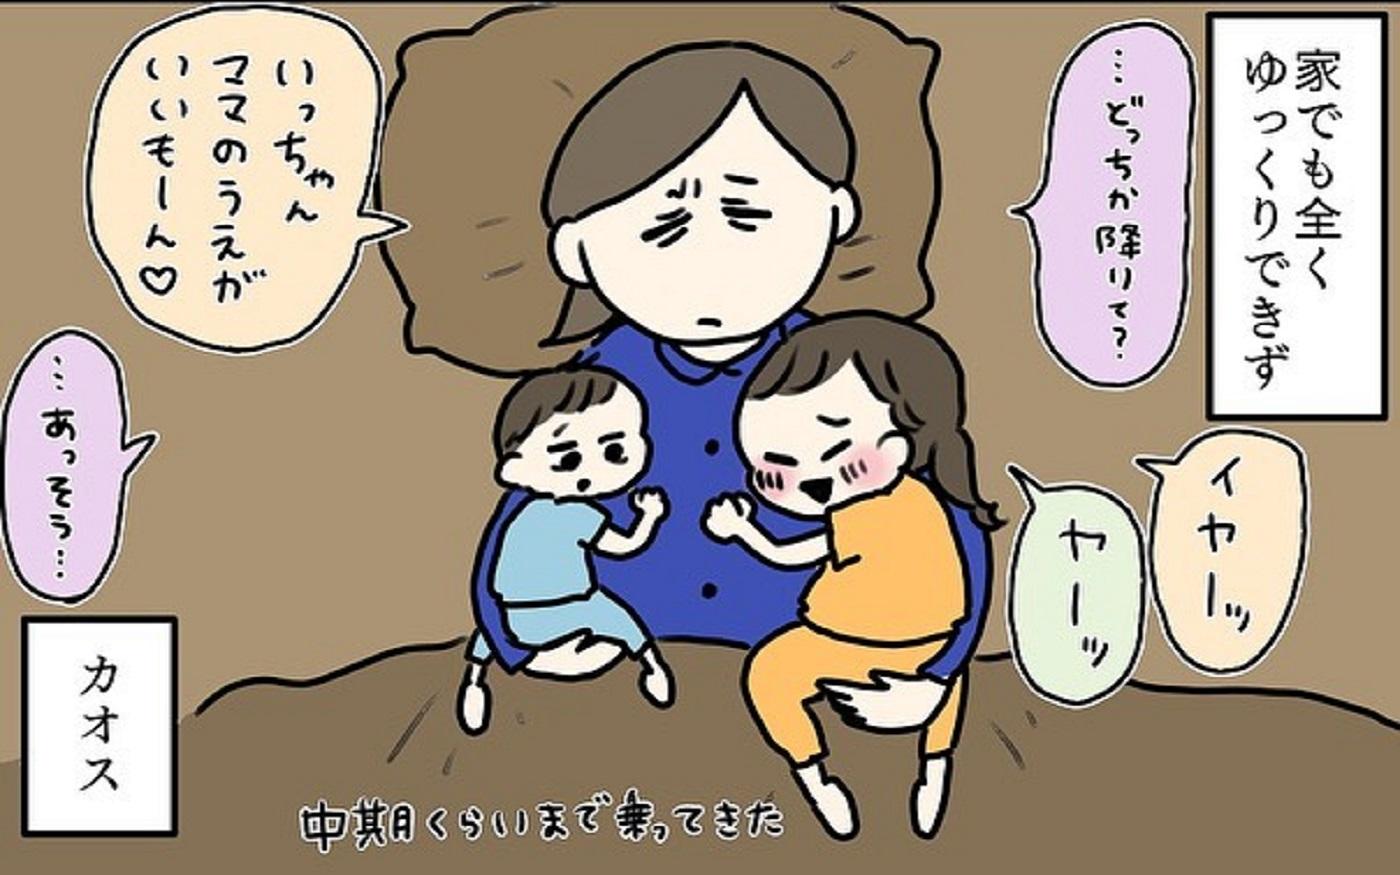 第1子は吐き悪阻、第2子は食べ悪阻、第3子は…? 三者三様のつわりに苦悩!